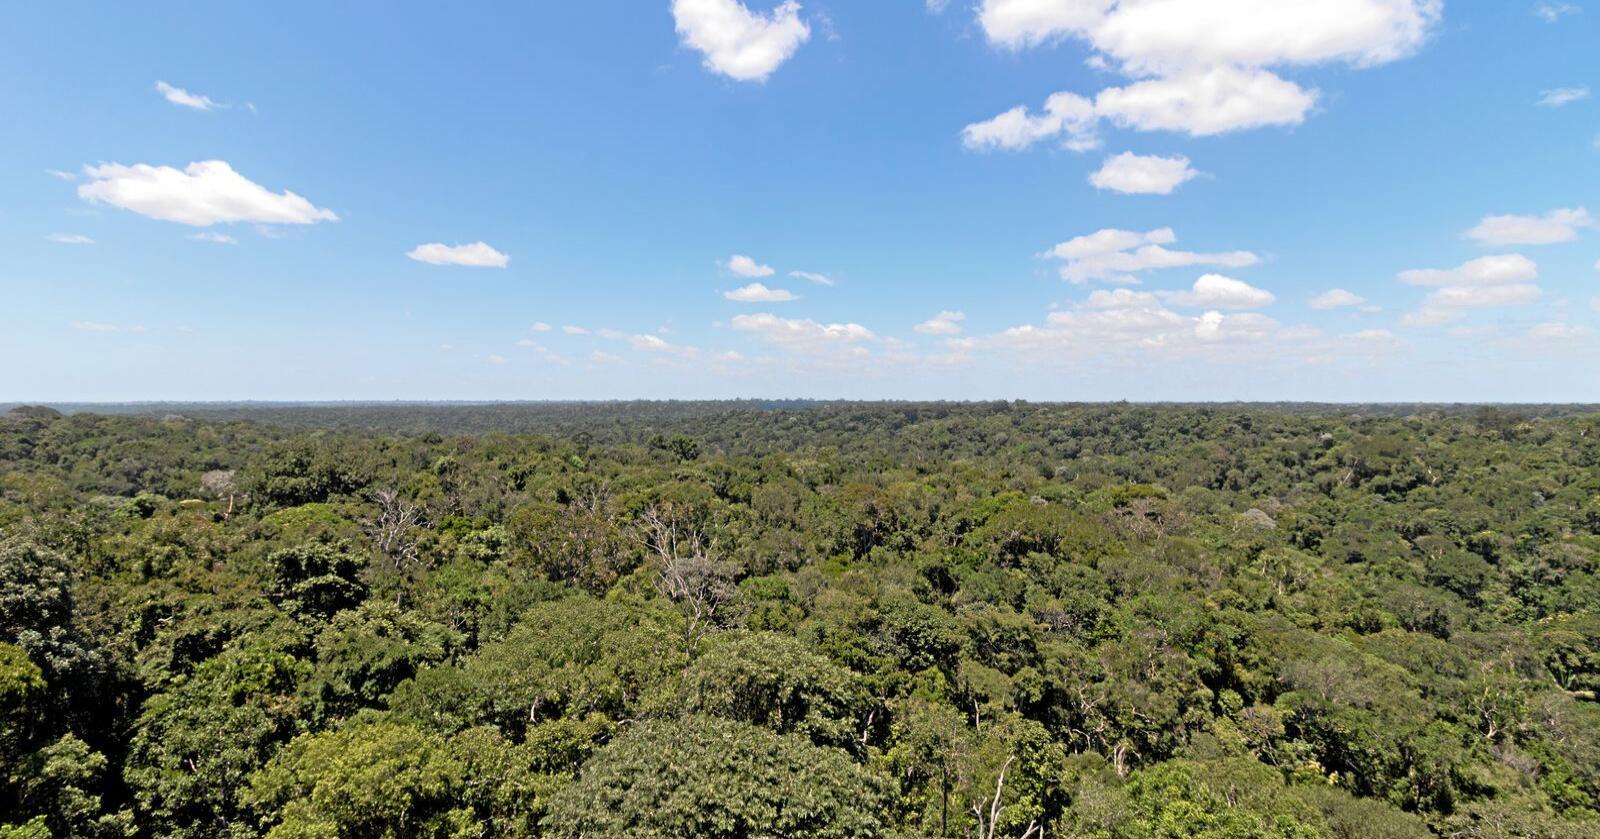 Politikken som føres i Brasil undergraver lover og institusjoner ment for å beskytte regnskog, miljø og menneskerettigheter, skriver forfatterne av innlegget. Foto: Mostphotos